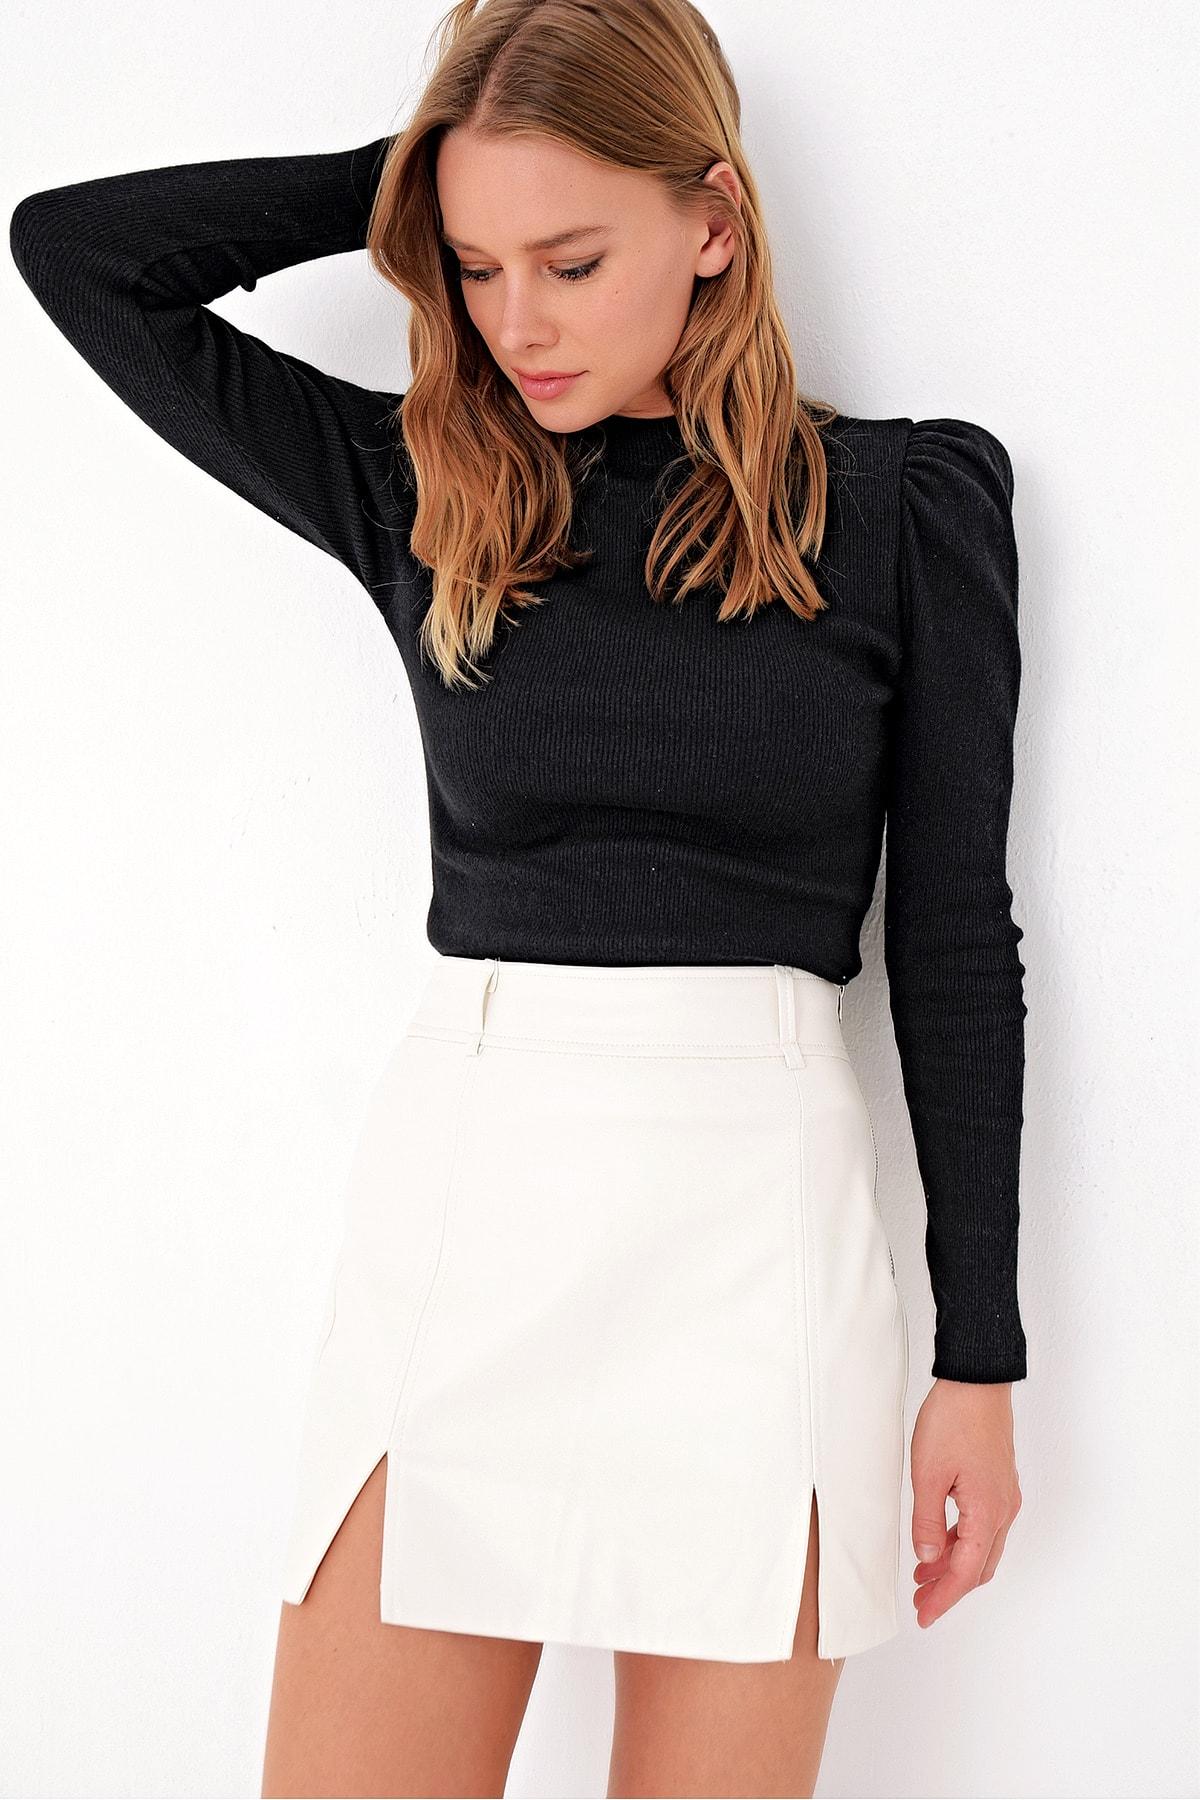 Trend Alaçatı Stili Kadın Siyah Prenses Kol Yarım Balıkçı Şardonlu Crop Bluz ALC-X5042 1